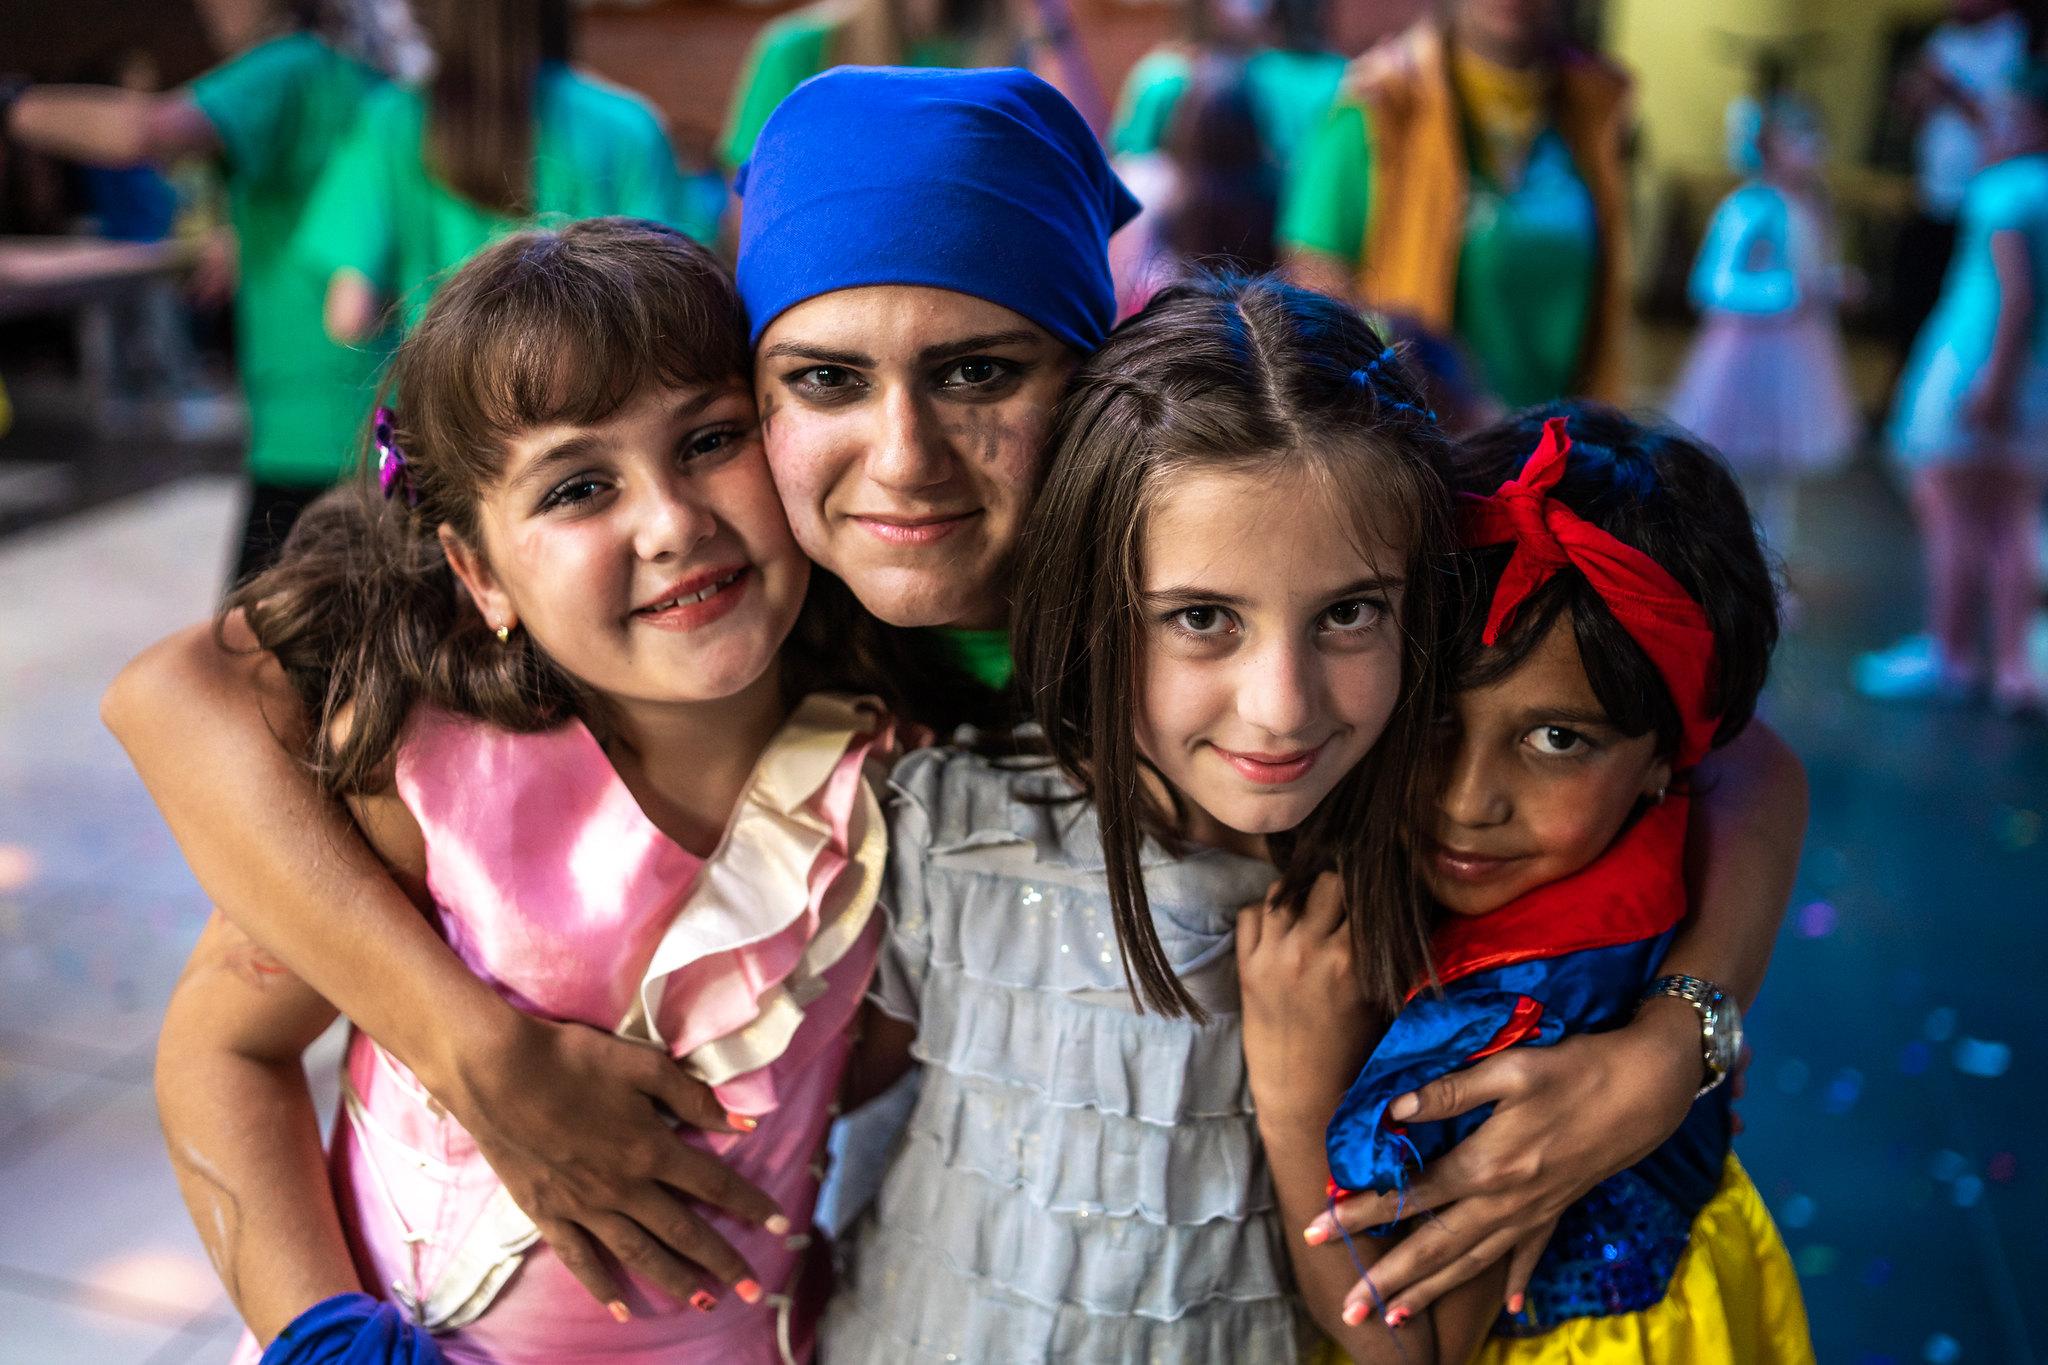 Svetovi igre su pomogli afirmaciji igre kao najvišeg načina istraživanja i učenja i ukazale na važnost zajedničke angažovanosti dece i odraslih kroz poigravanje i dramatizaciju iskustava, emocija, želja...